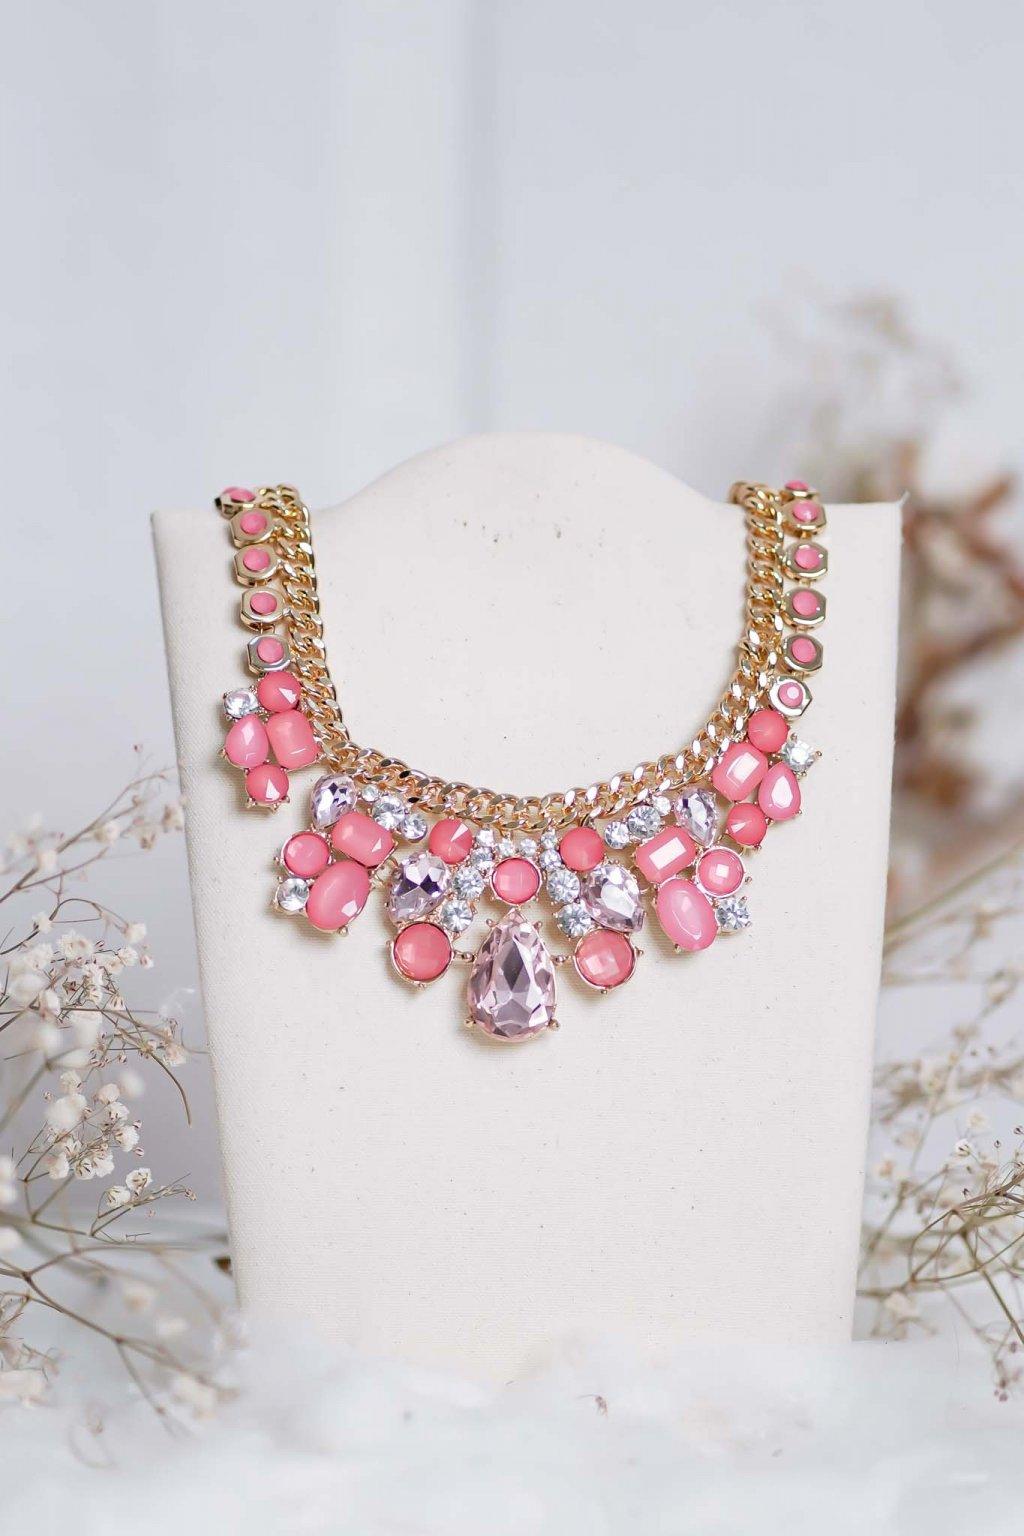 náhrdelník, spoločenský, bežný deň, kamienkový, farebný, čierny, strieborný, zelený, cyklamenévy, náhrdelník, bižuteria, šperk, šperky, ples, stužková, svadba, 096